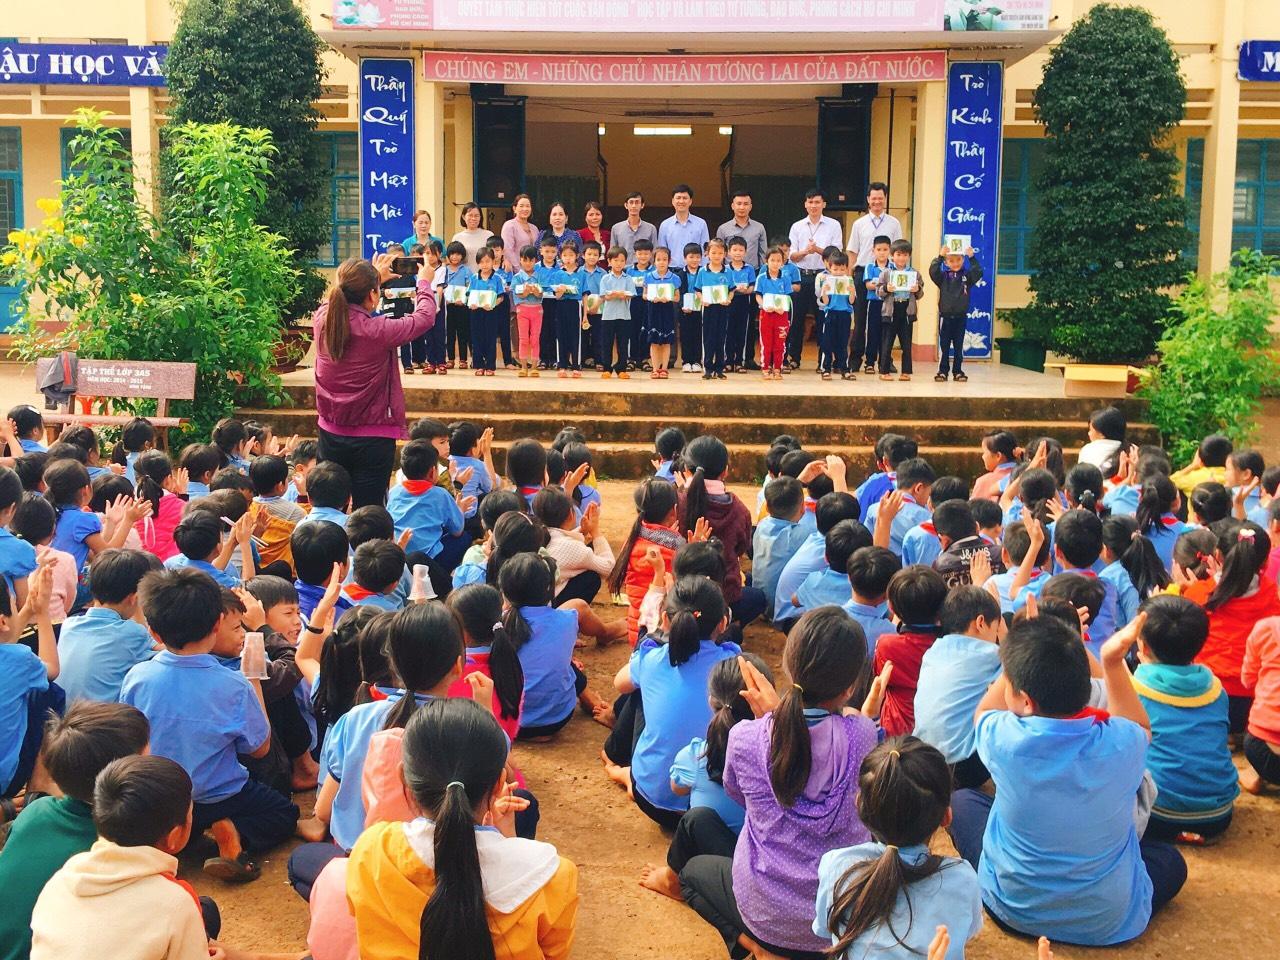 Ảnh: Quỹ BVPTR trao tặng tập tại trường Trường tiểu học Nguyễn Văn Trỗi - Bù Đăng